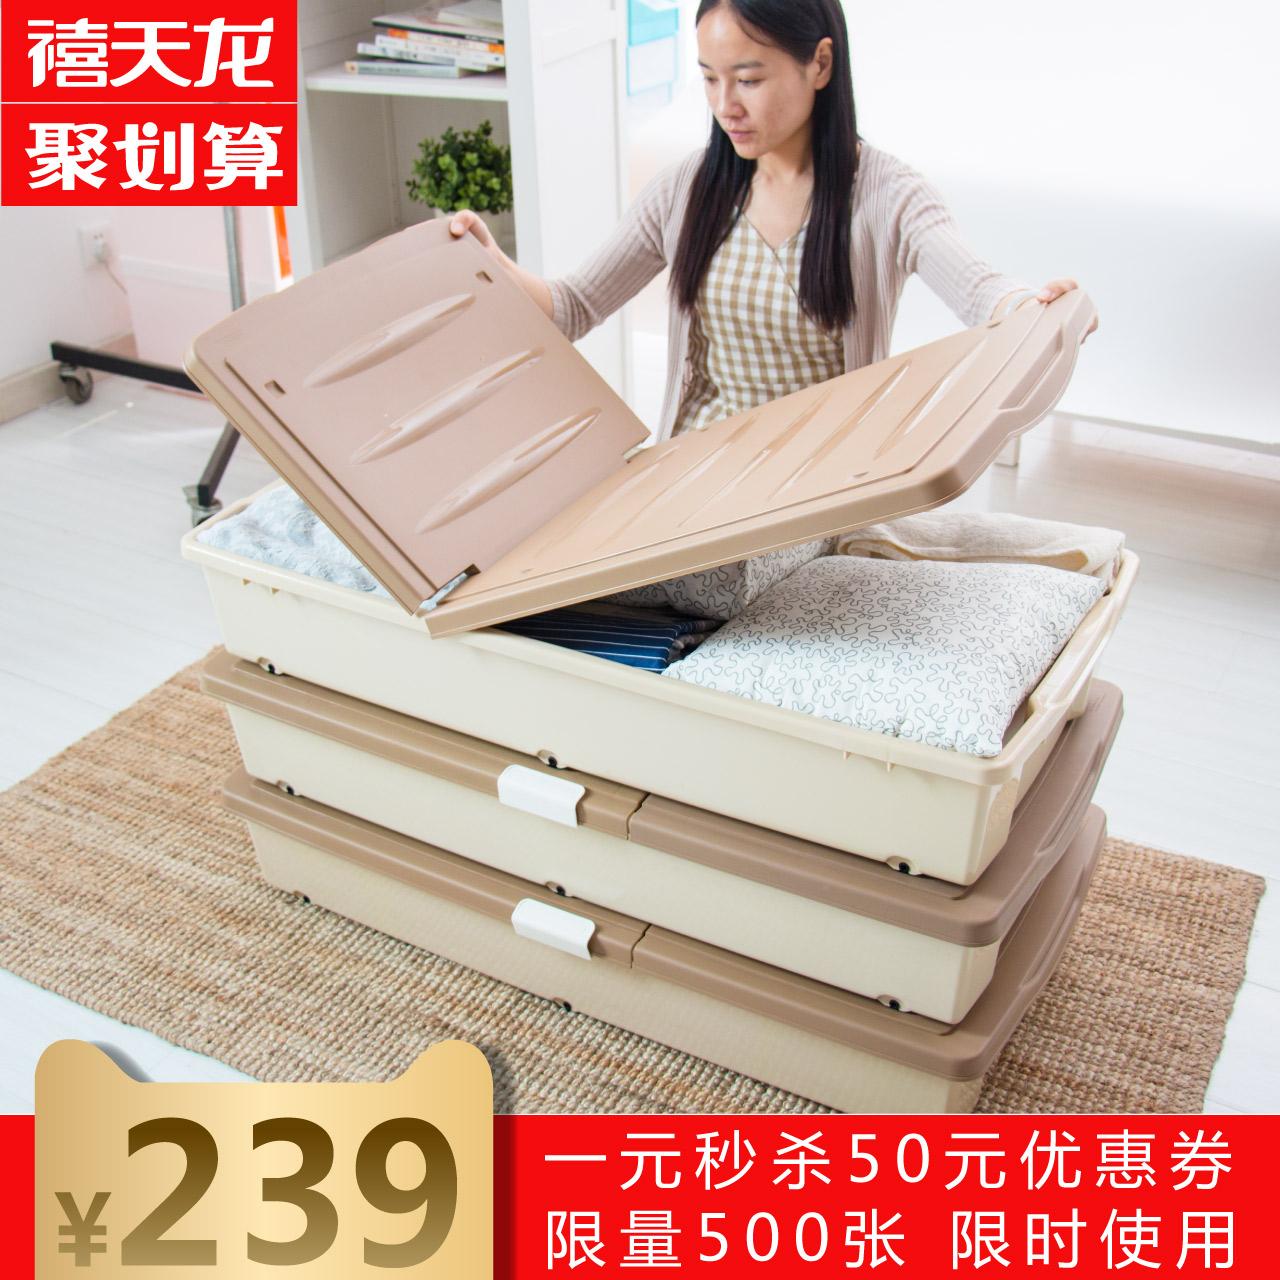 禧天龙 塑料床底收纳箱带滑轮3个装3元优惠券